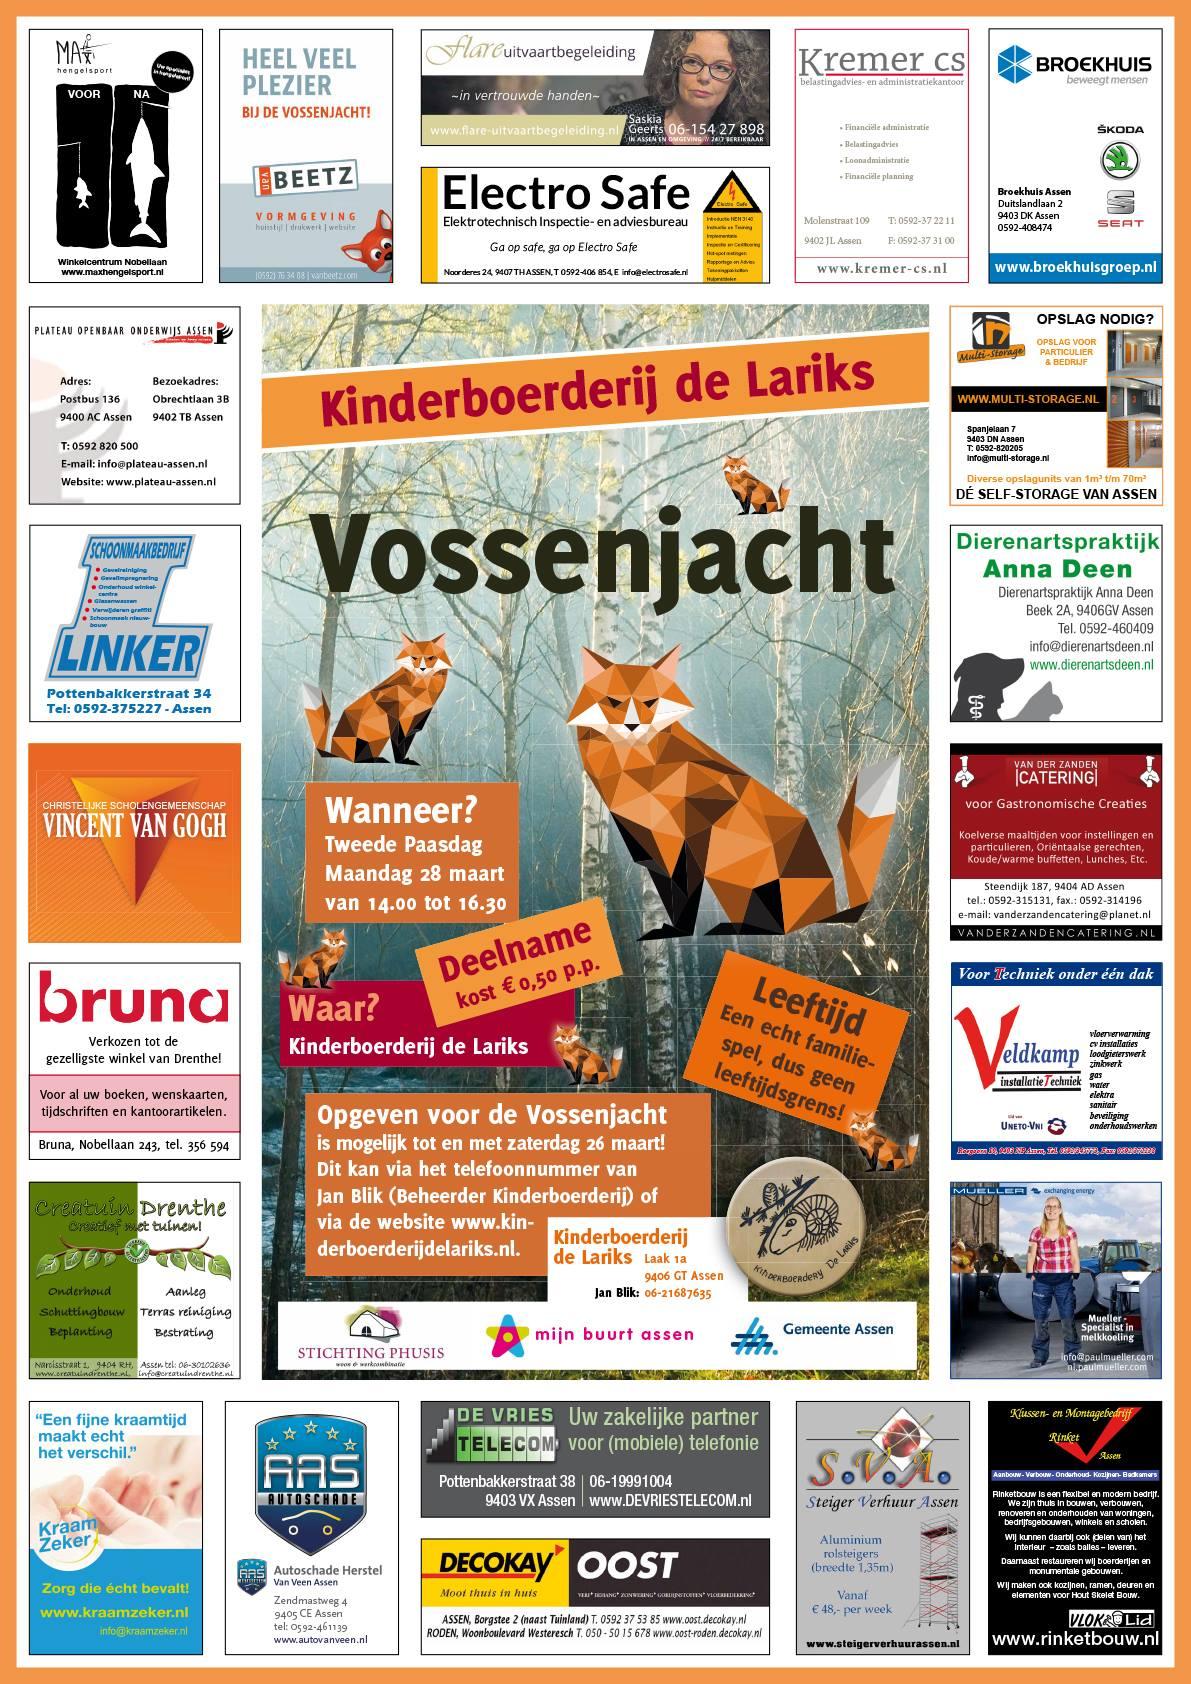 """Kinderboerderij """"de Lariks """",  organiseert Vossenjacht"""